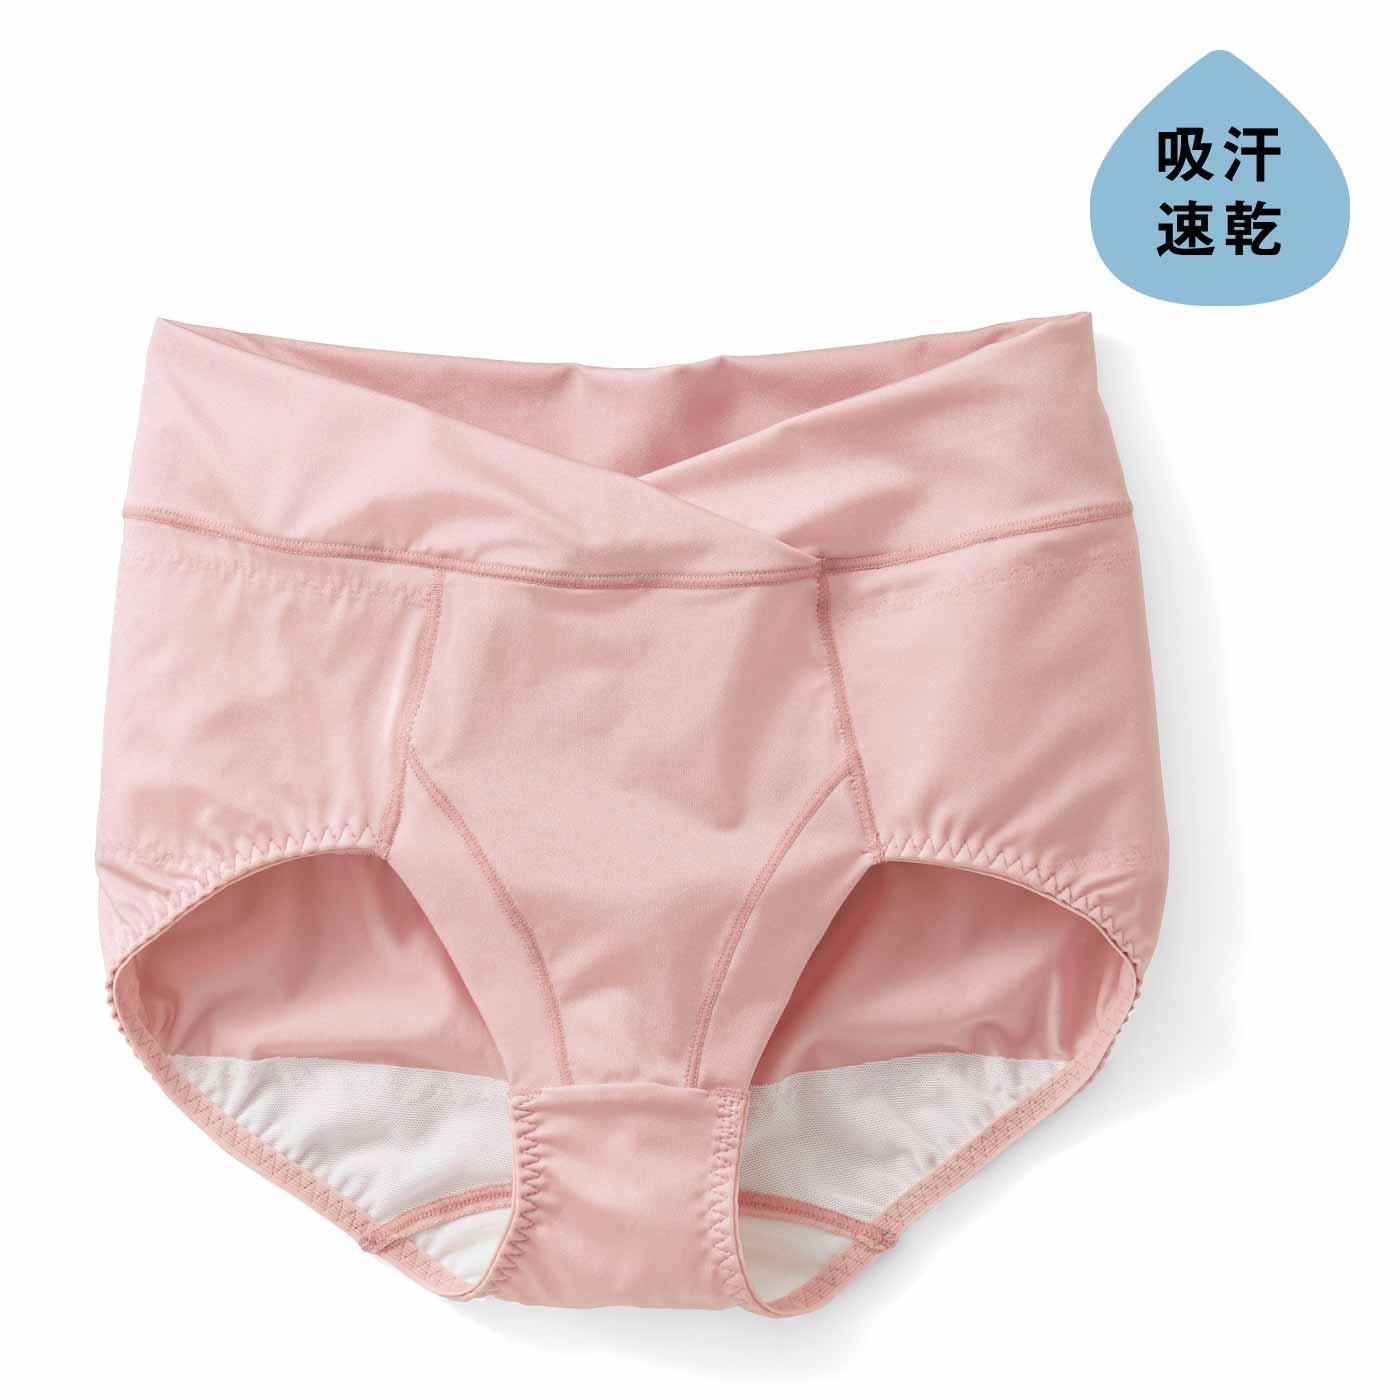 吸汗速乾素材使用し、汗をかいてもむれにくくべたつきにくく、さわやかな着用感をキープ。